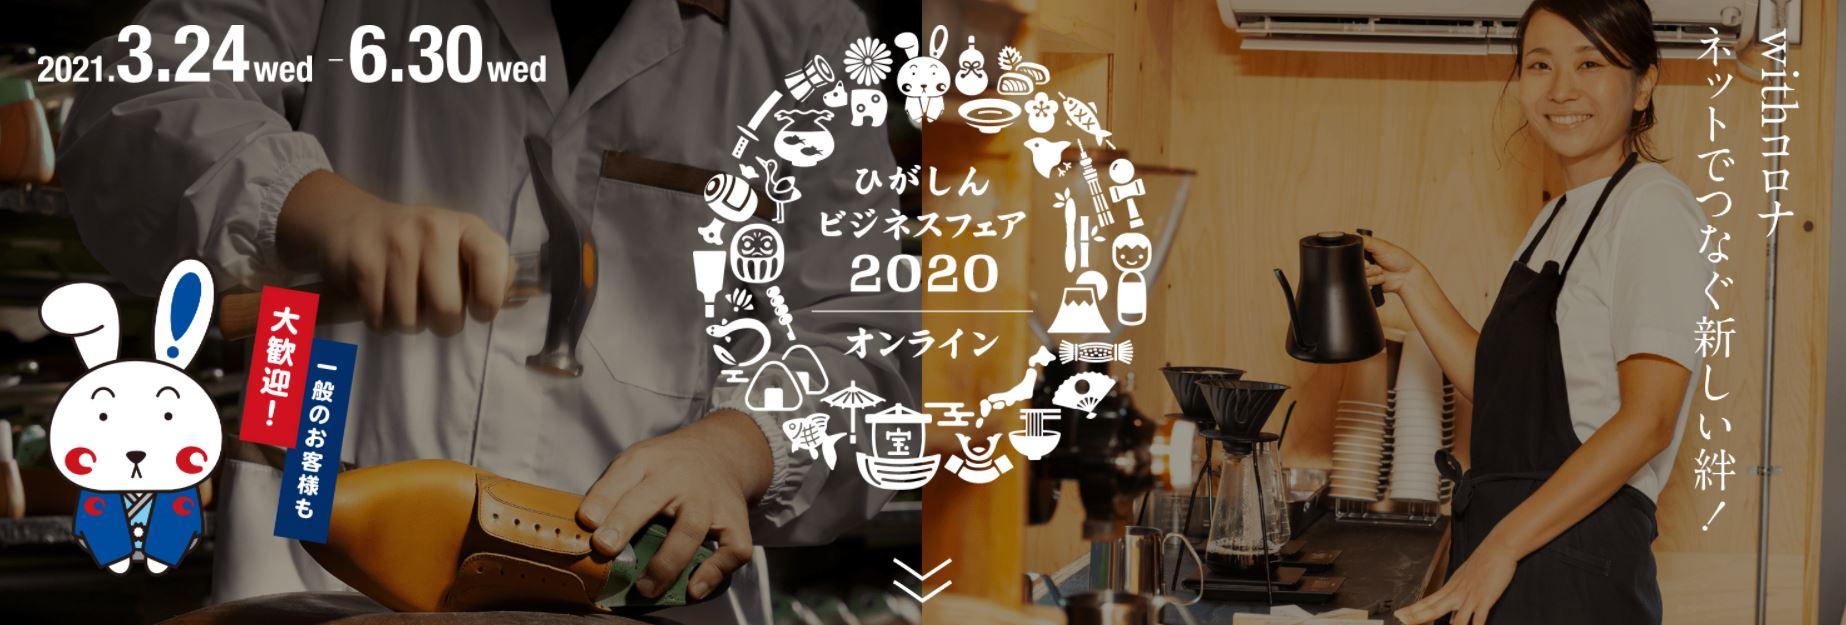 ひがしんビジネスフェア2020 オンライン